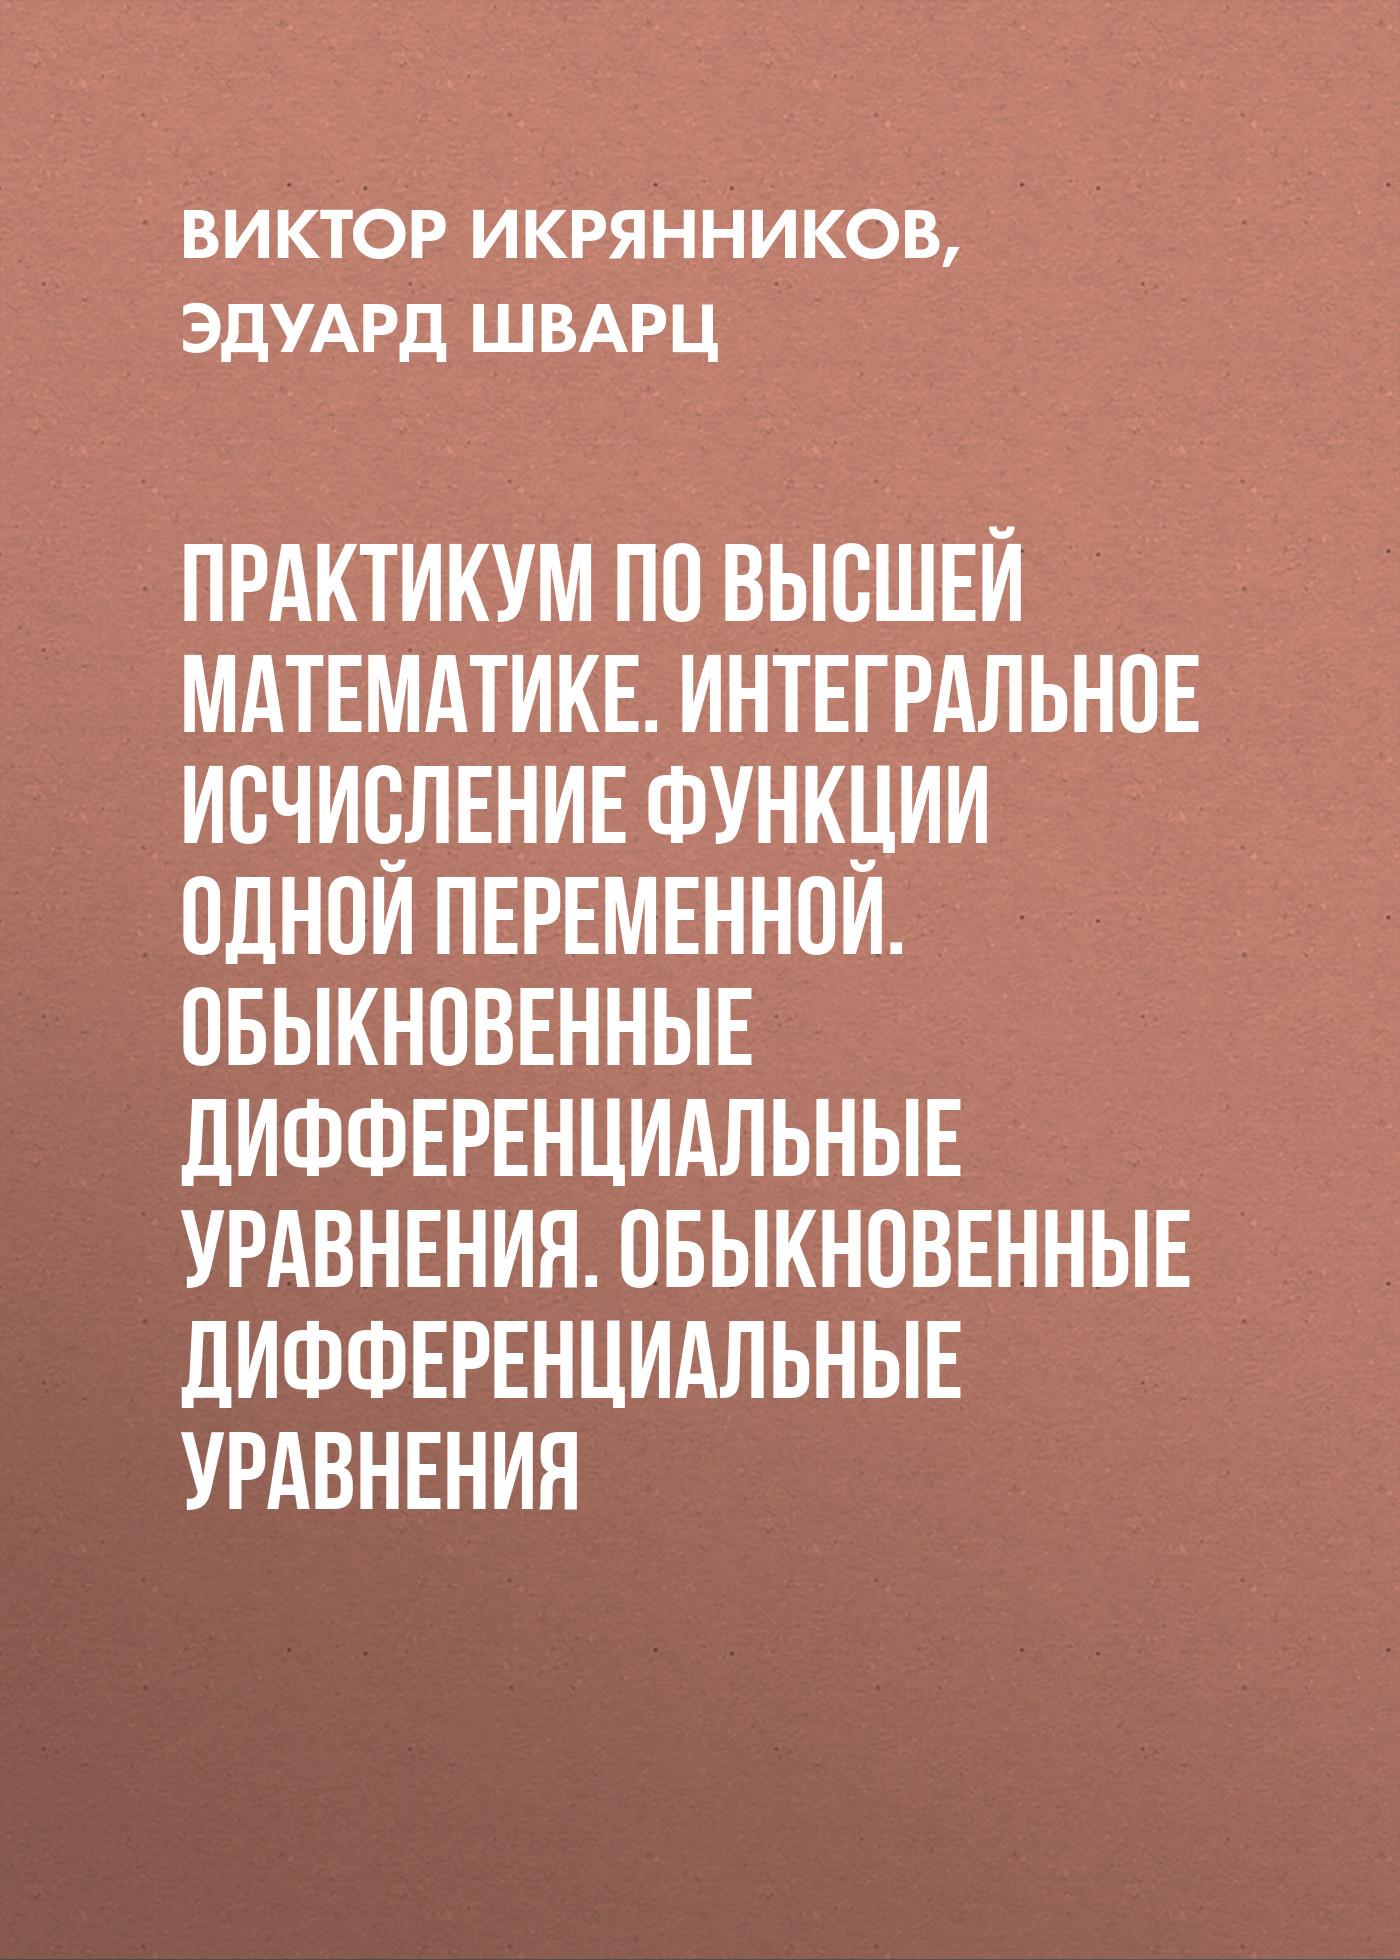 Виктор Икрянников Практикум по высшей математике. Интегральное исчисление функции одной переменной. Обыкновенные дифференциальные уравнения. Обыкновенные дифференциальные уравнения цены онлайн